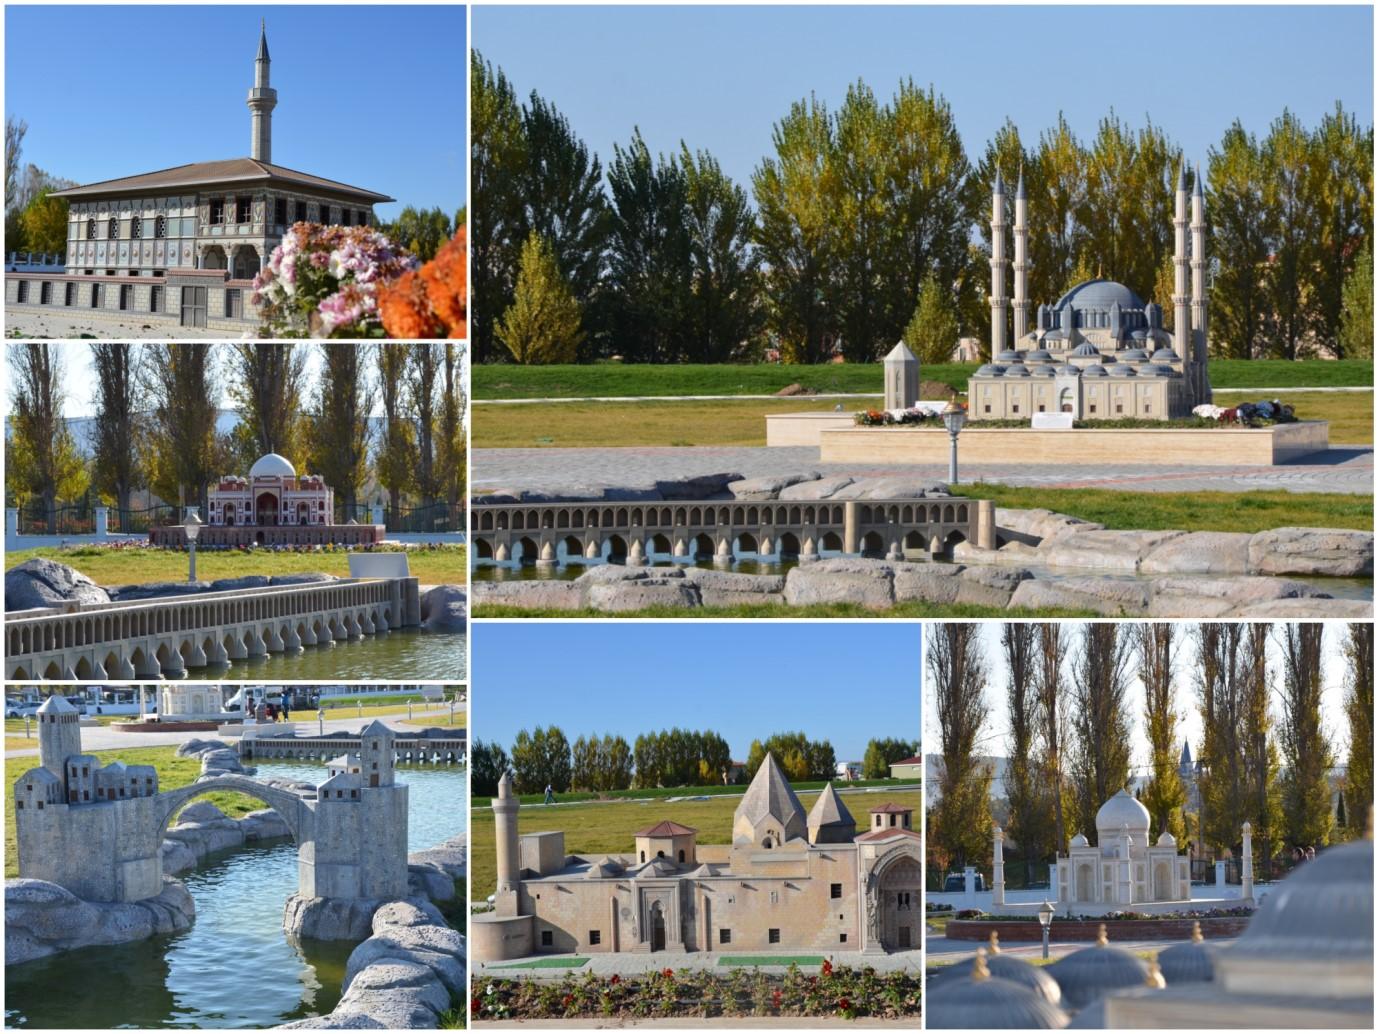 Moskovadaki Japon bahçesi görülmeye değer